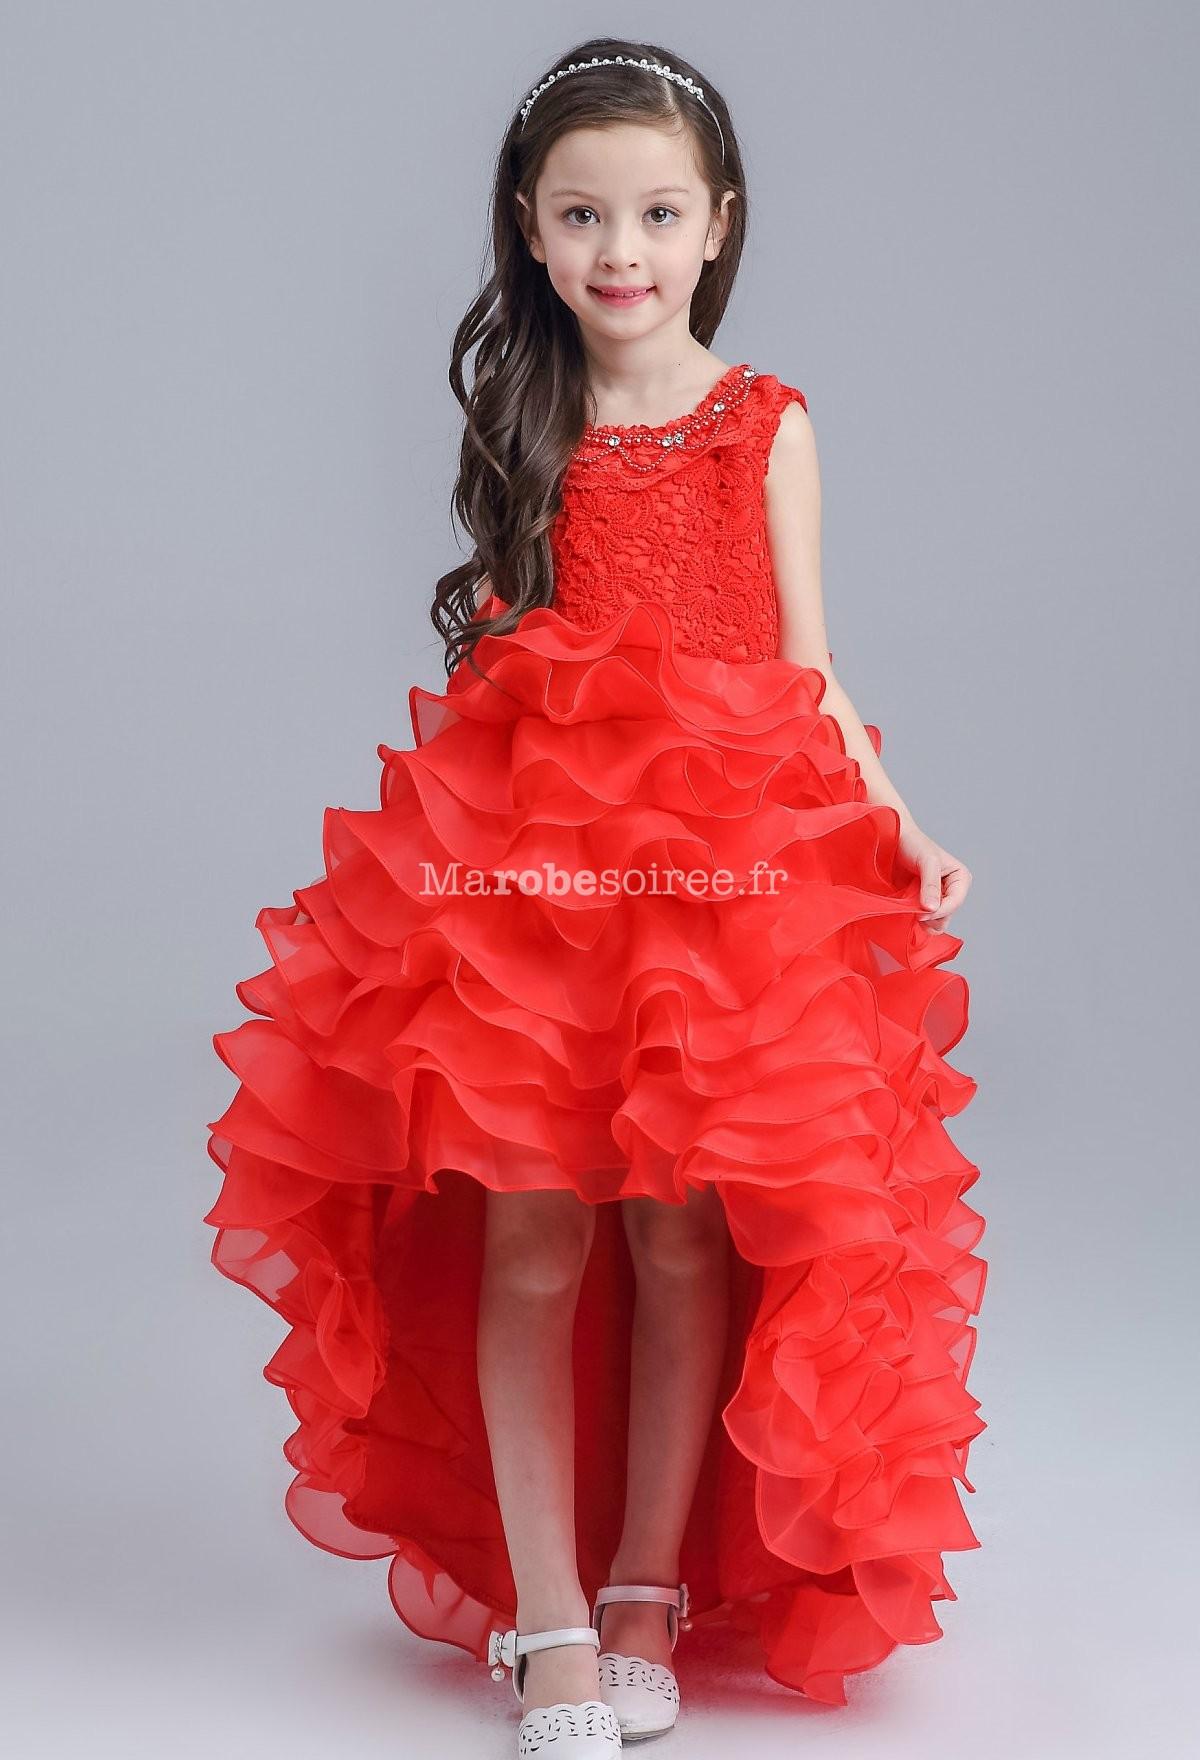 ecf99dcbab4ab Robe jeune fille rouge asymétrique à volants  Robe pour ...